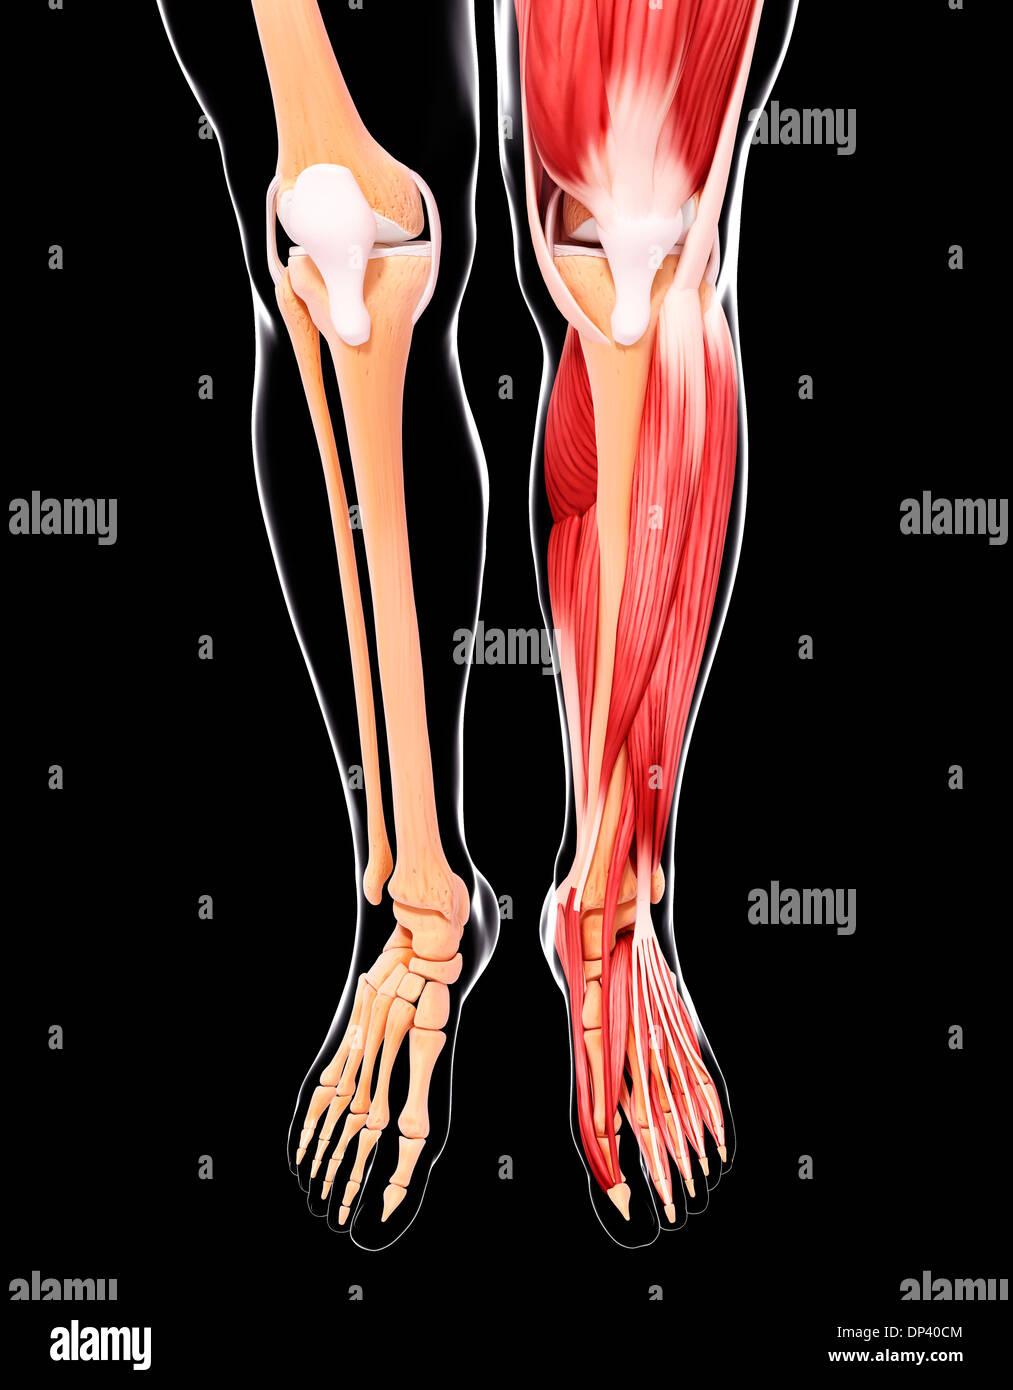 Menschliches Beinmuskulatur, artwork Stockfoto, Bild: 65241700 - Alamy